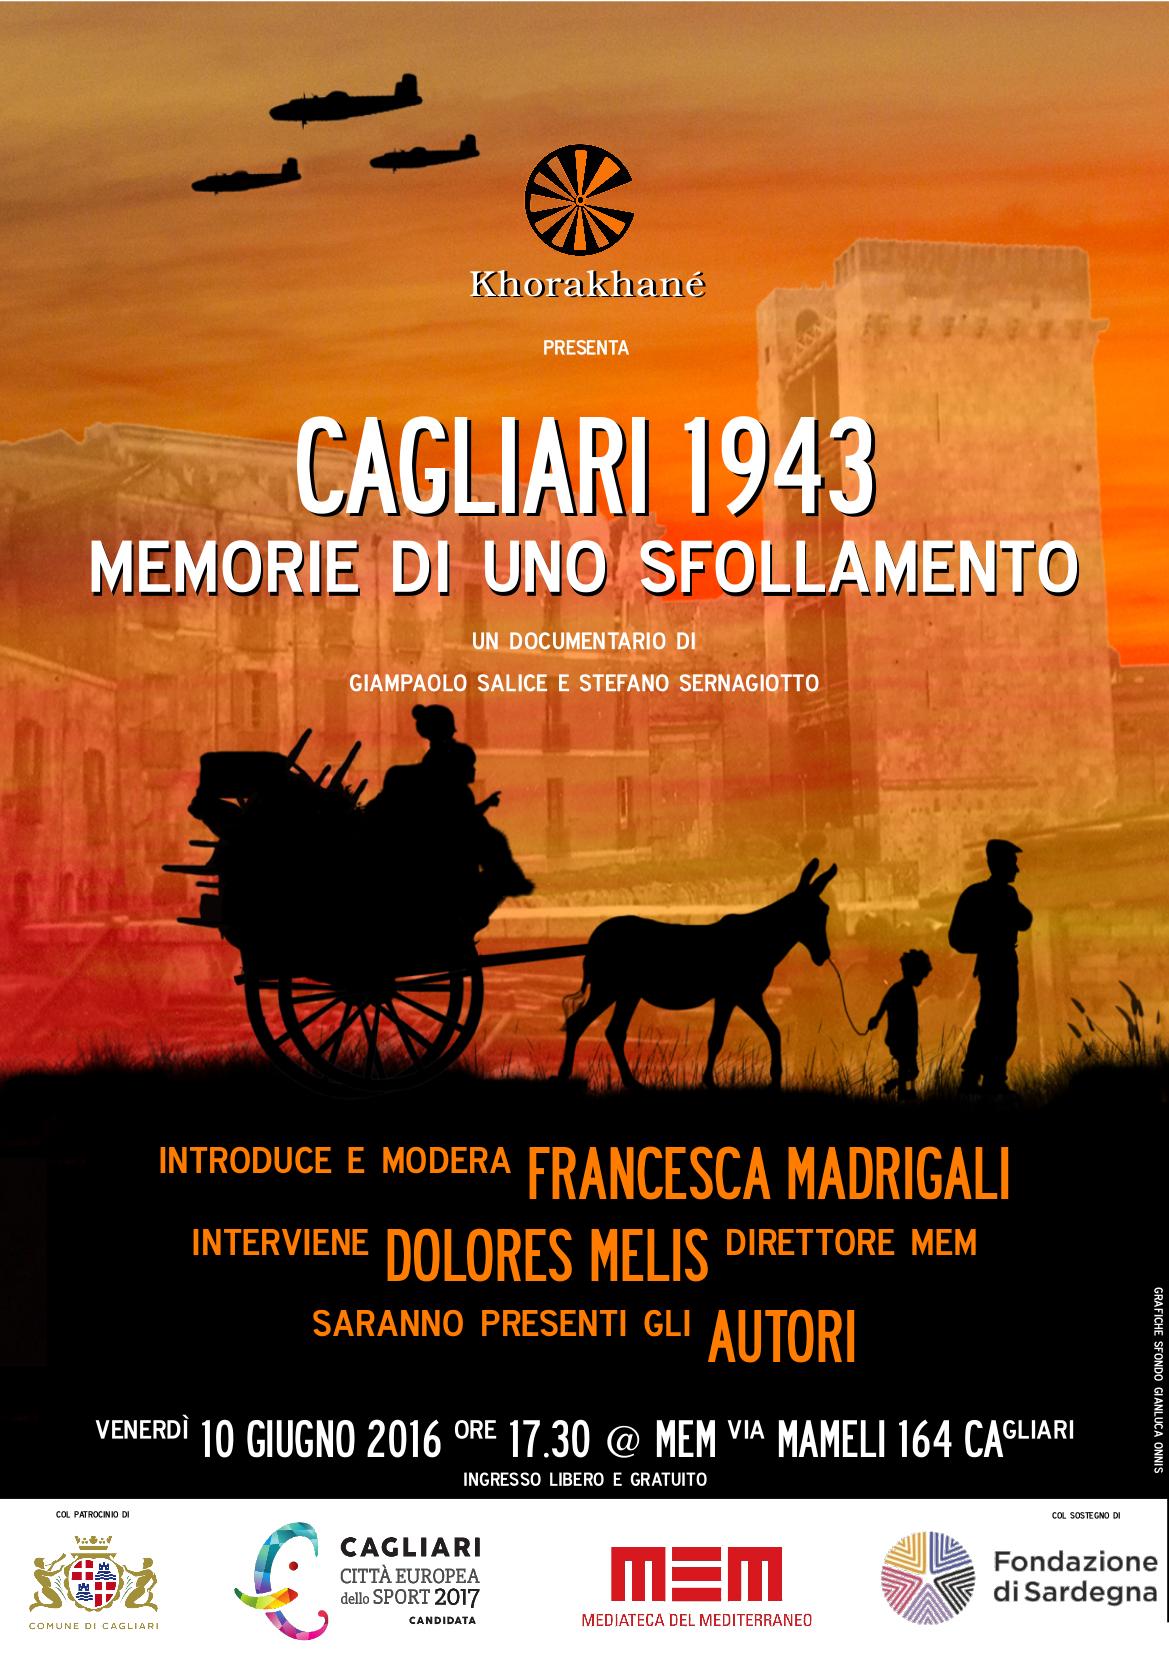 Khorakhané presenta il documentario che racconta lo sfollamento dei Cagliaritani nel 1943